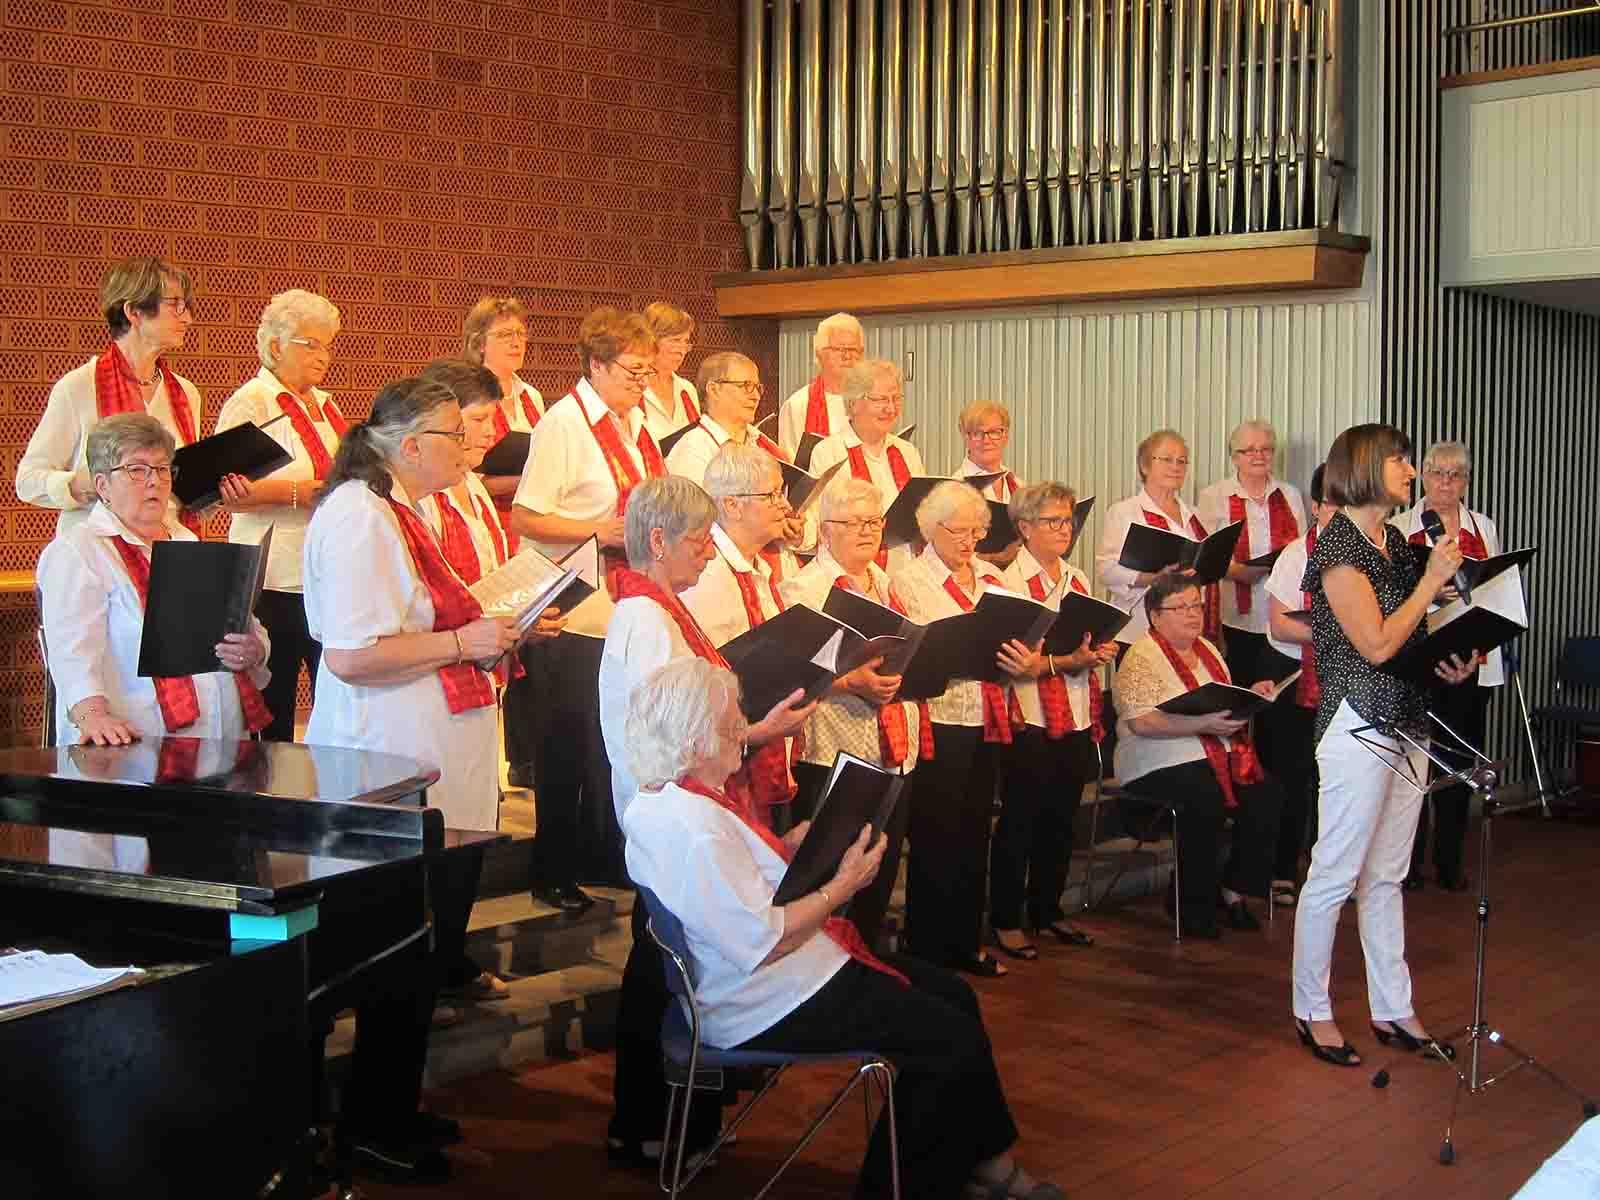 Frauenchor Wipkingen mit neuer Dirigentin